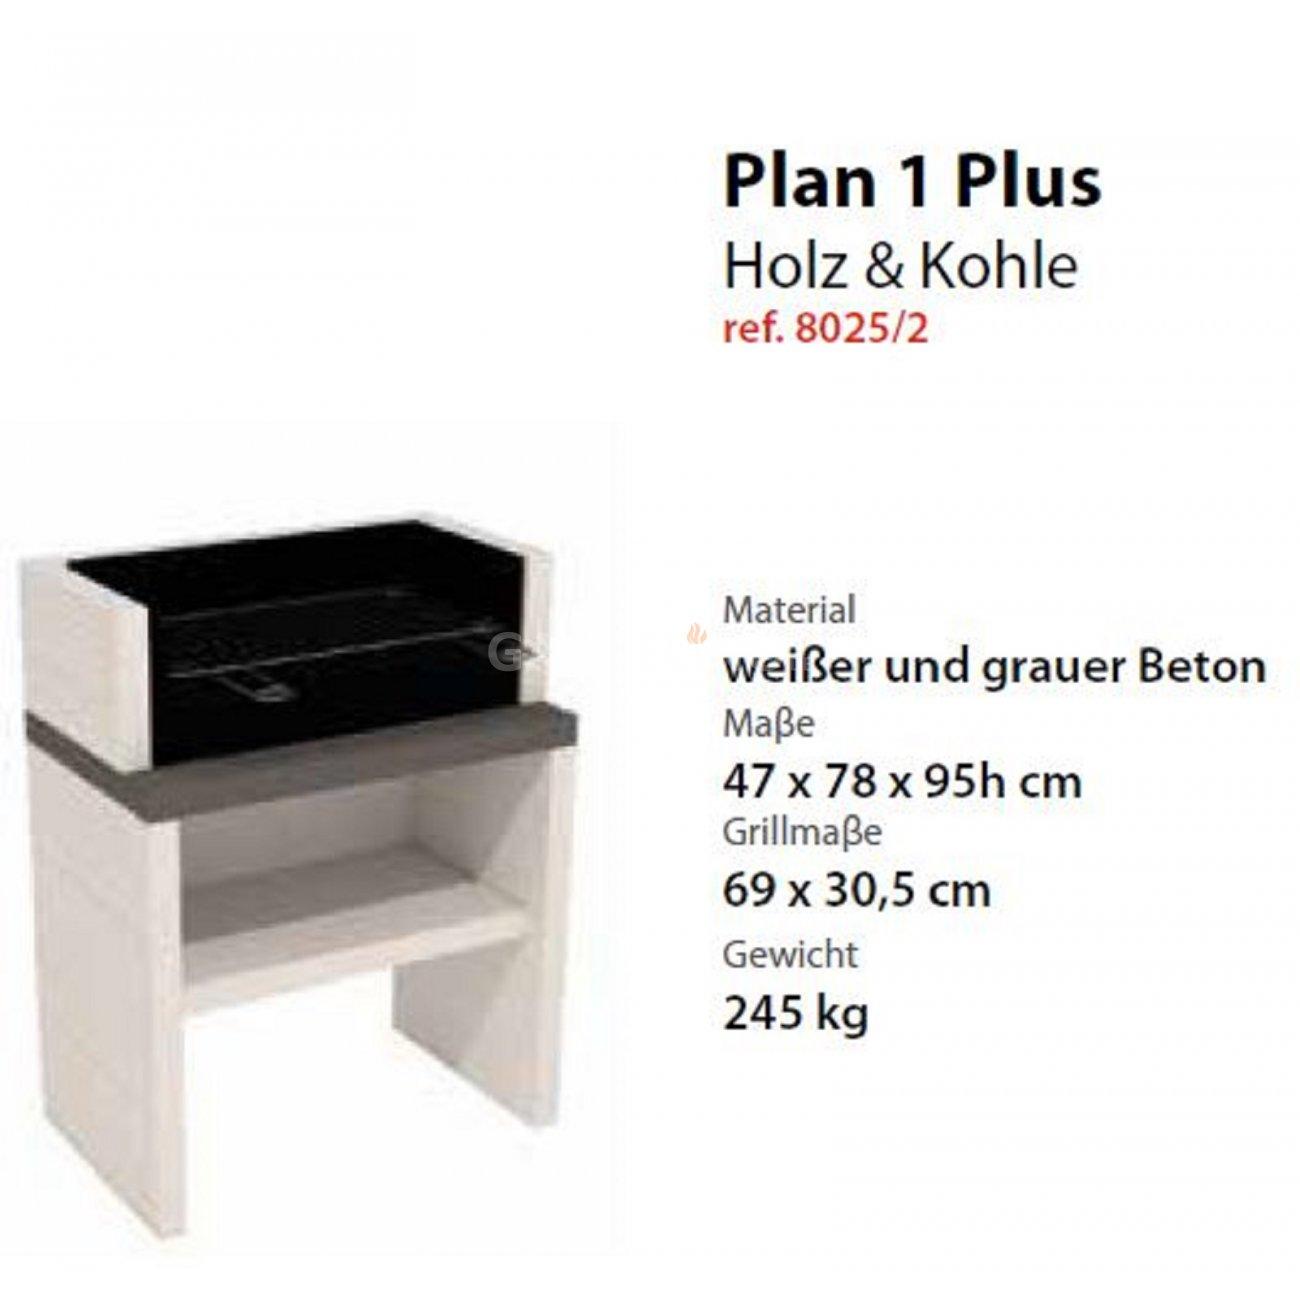 Outdoor Küchen With Outdoorküchen Grill PLAN Serie Also From Gardelino.de